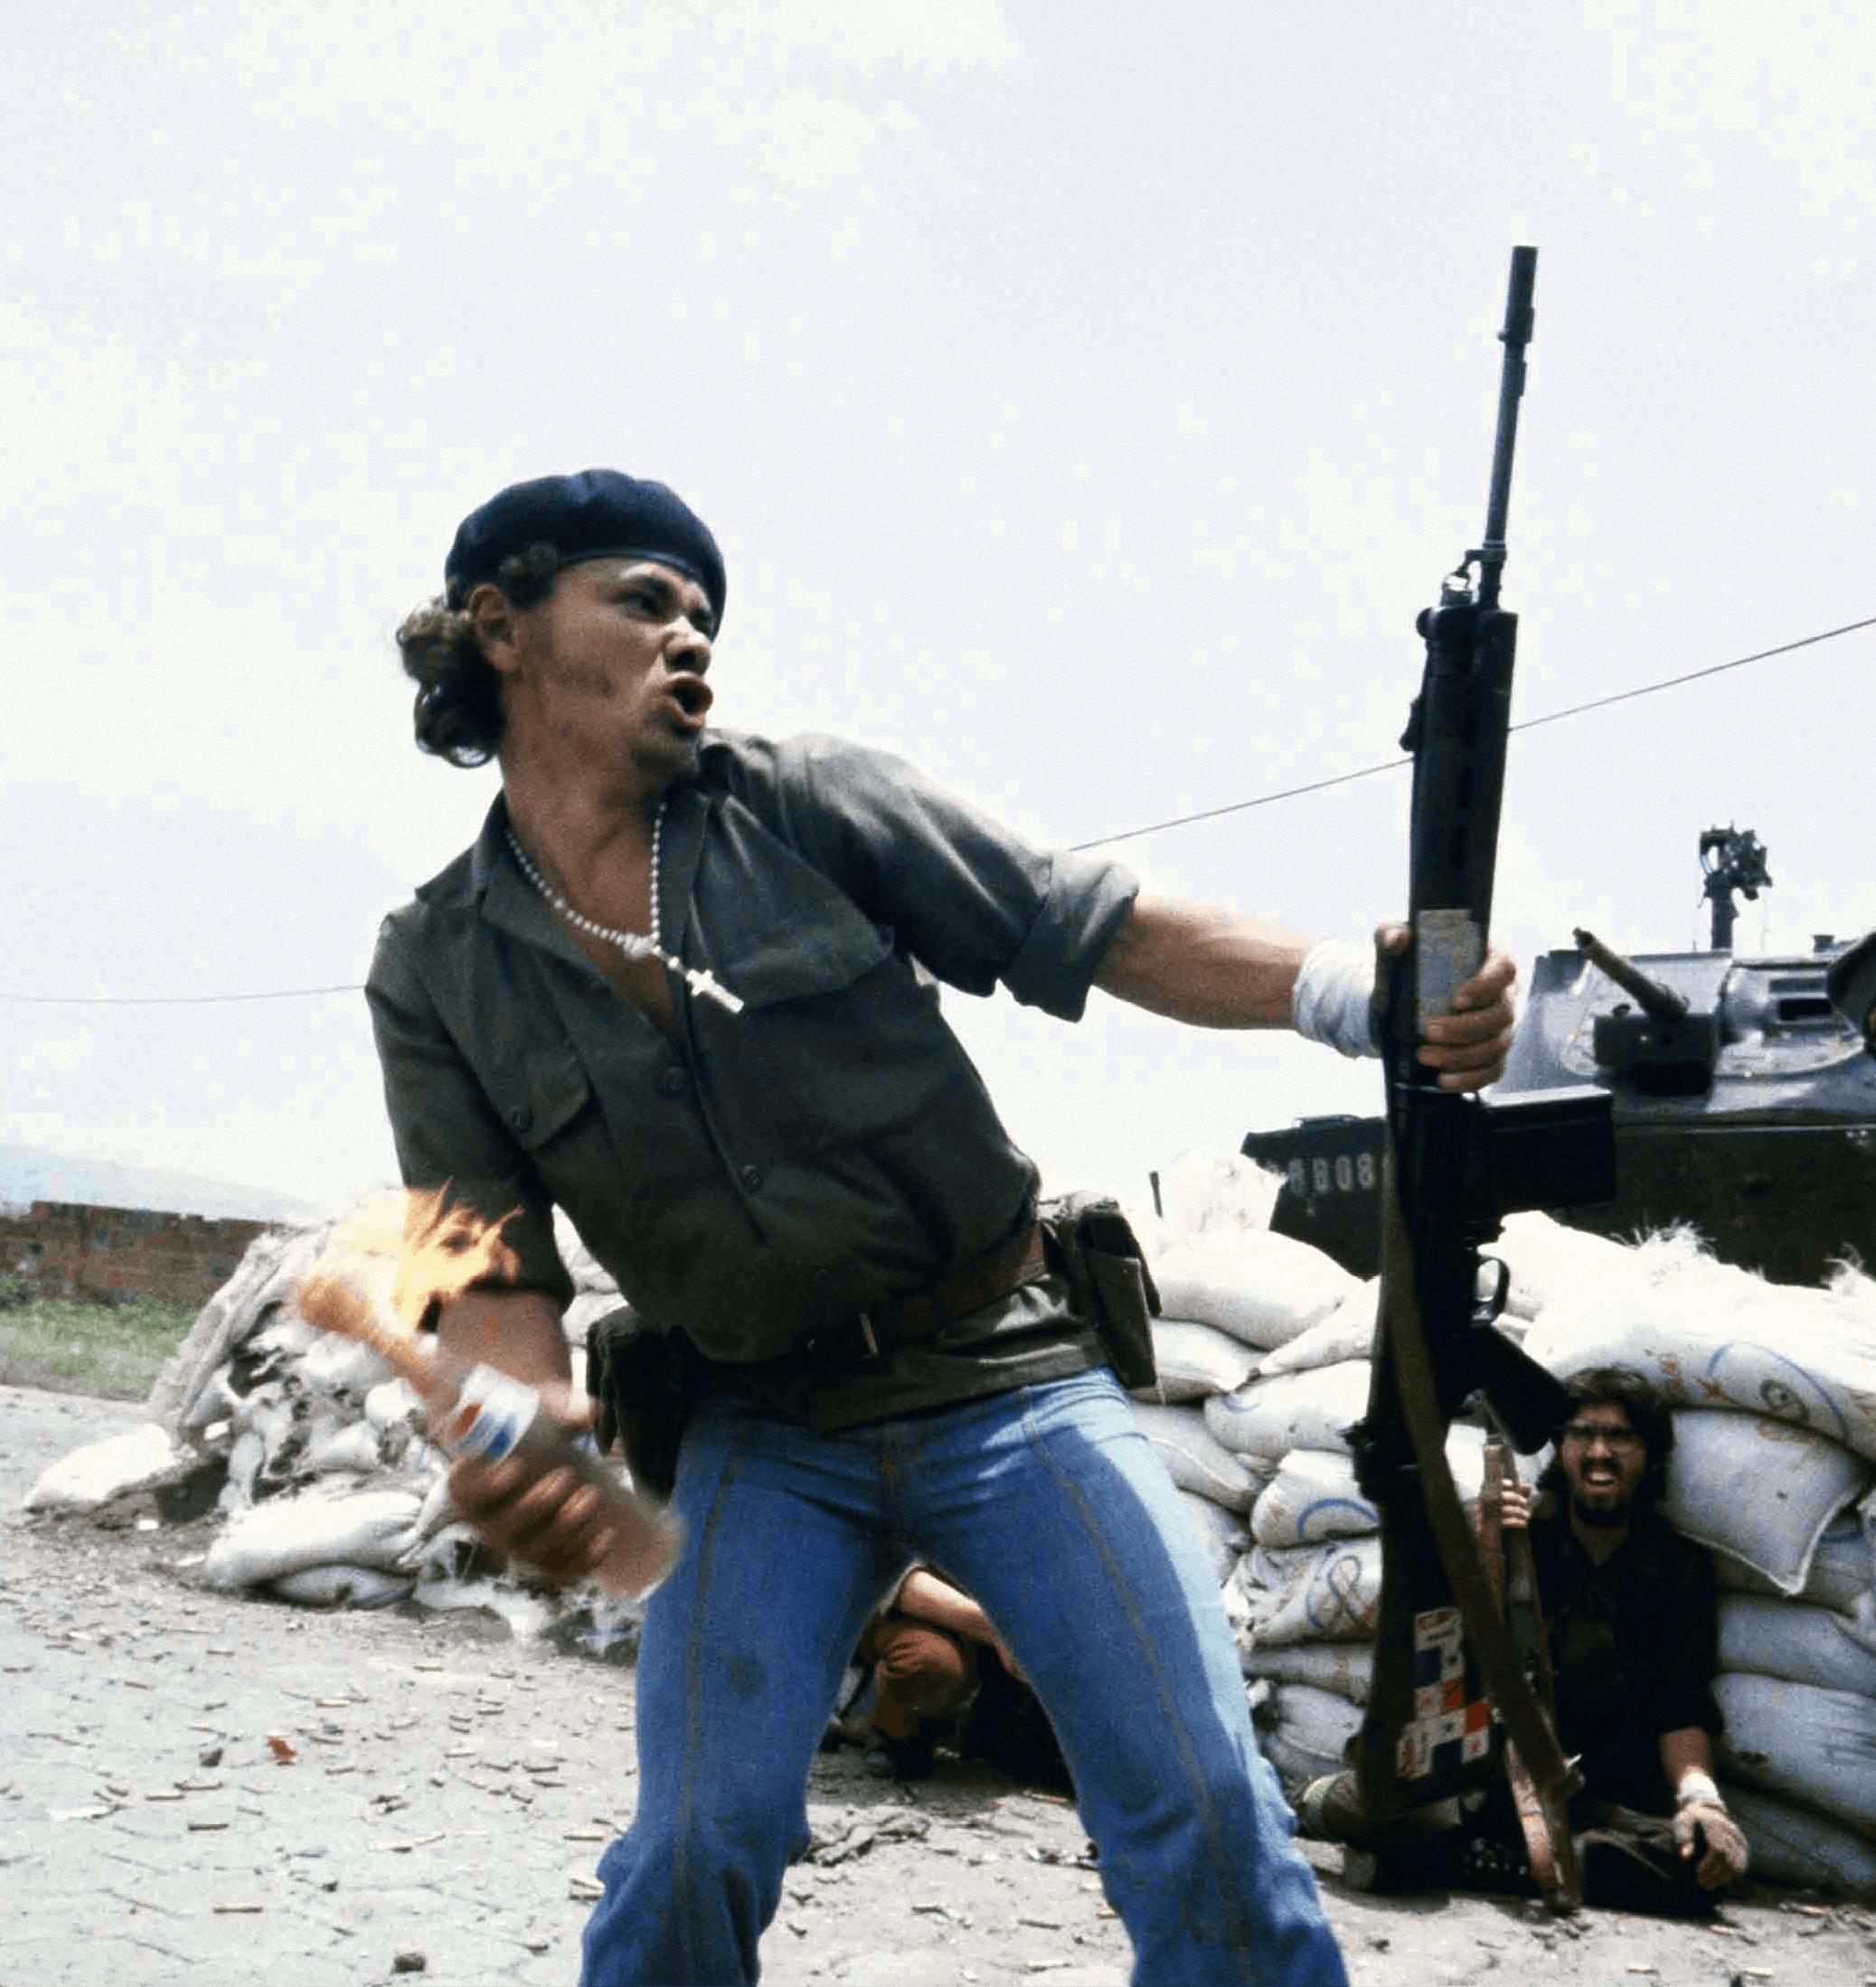 Susan Meiselas, Molotov Man, 16 juillet 1979, photographie (détail)